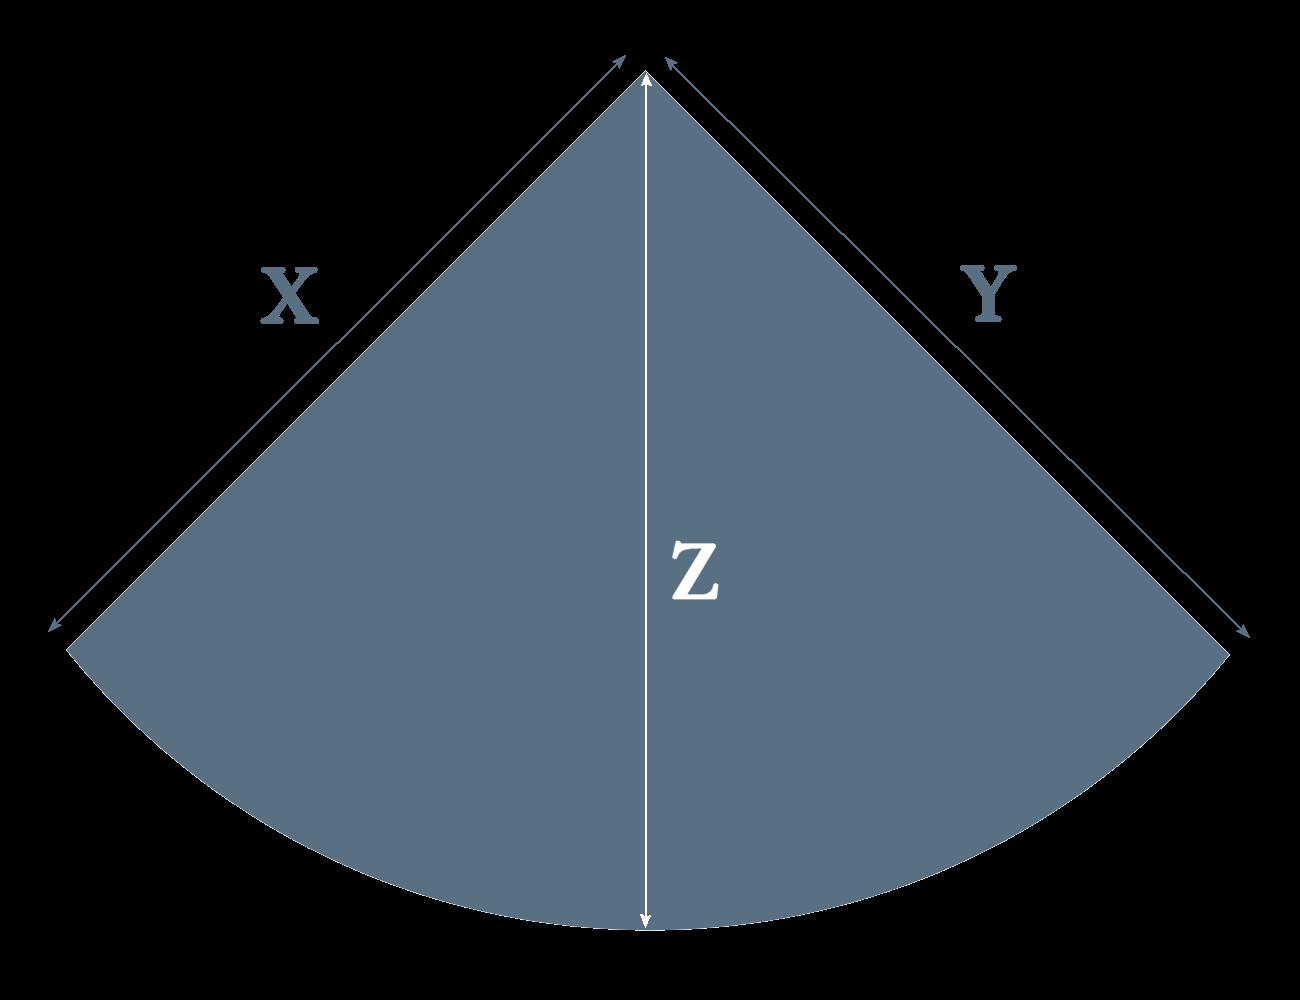 corner slate heart measurement diagram